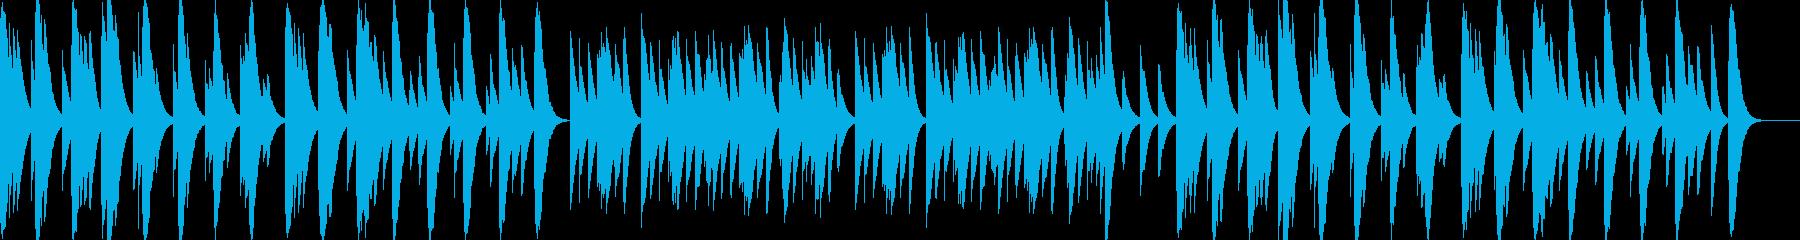 優しくてしんみりするBGM(ゆったり)の再生済みの波形